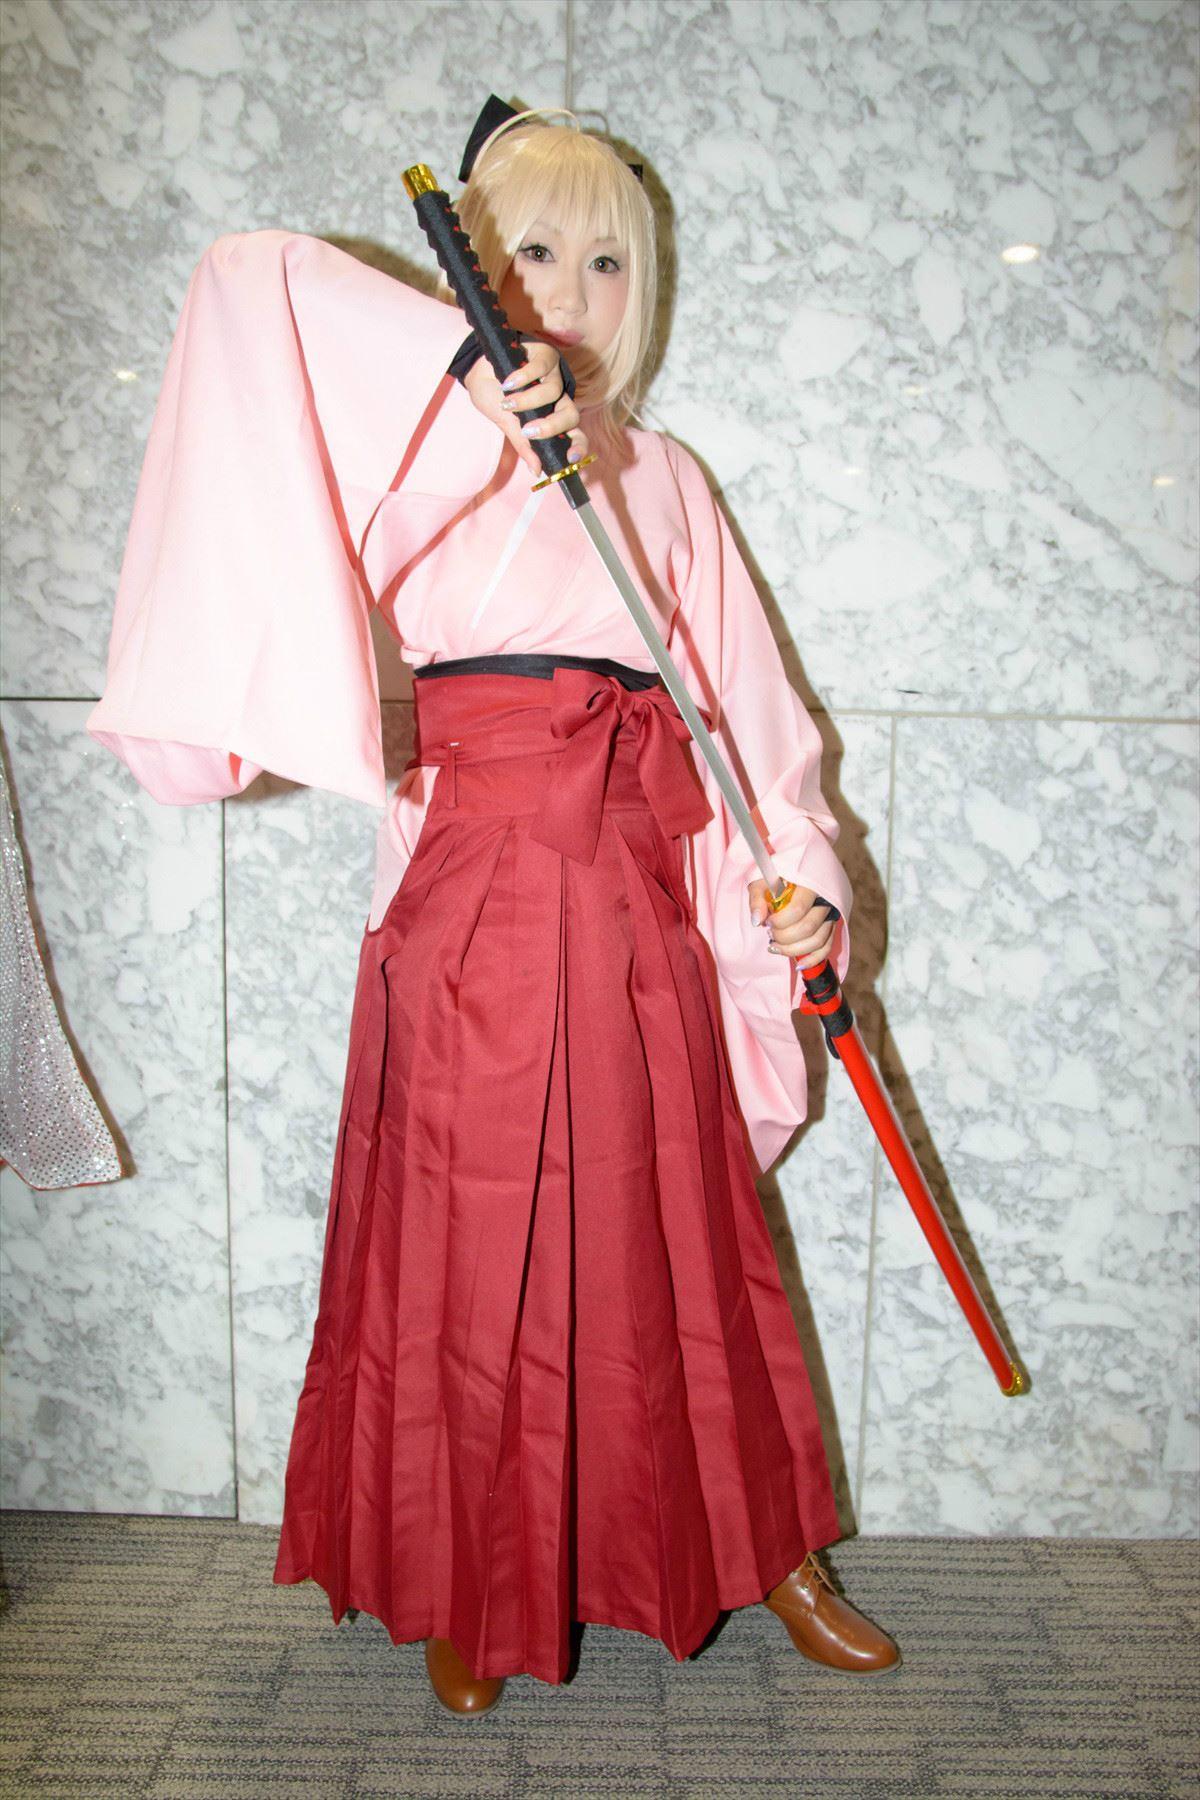 Fate/KOHA-ACE 帝都聖杯奇譚 桜セイバー コスプレ